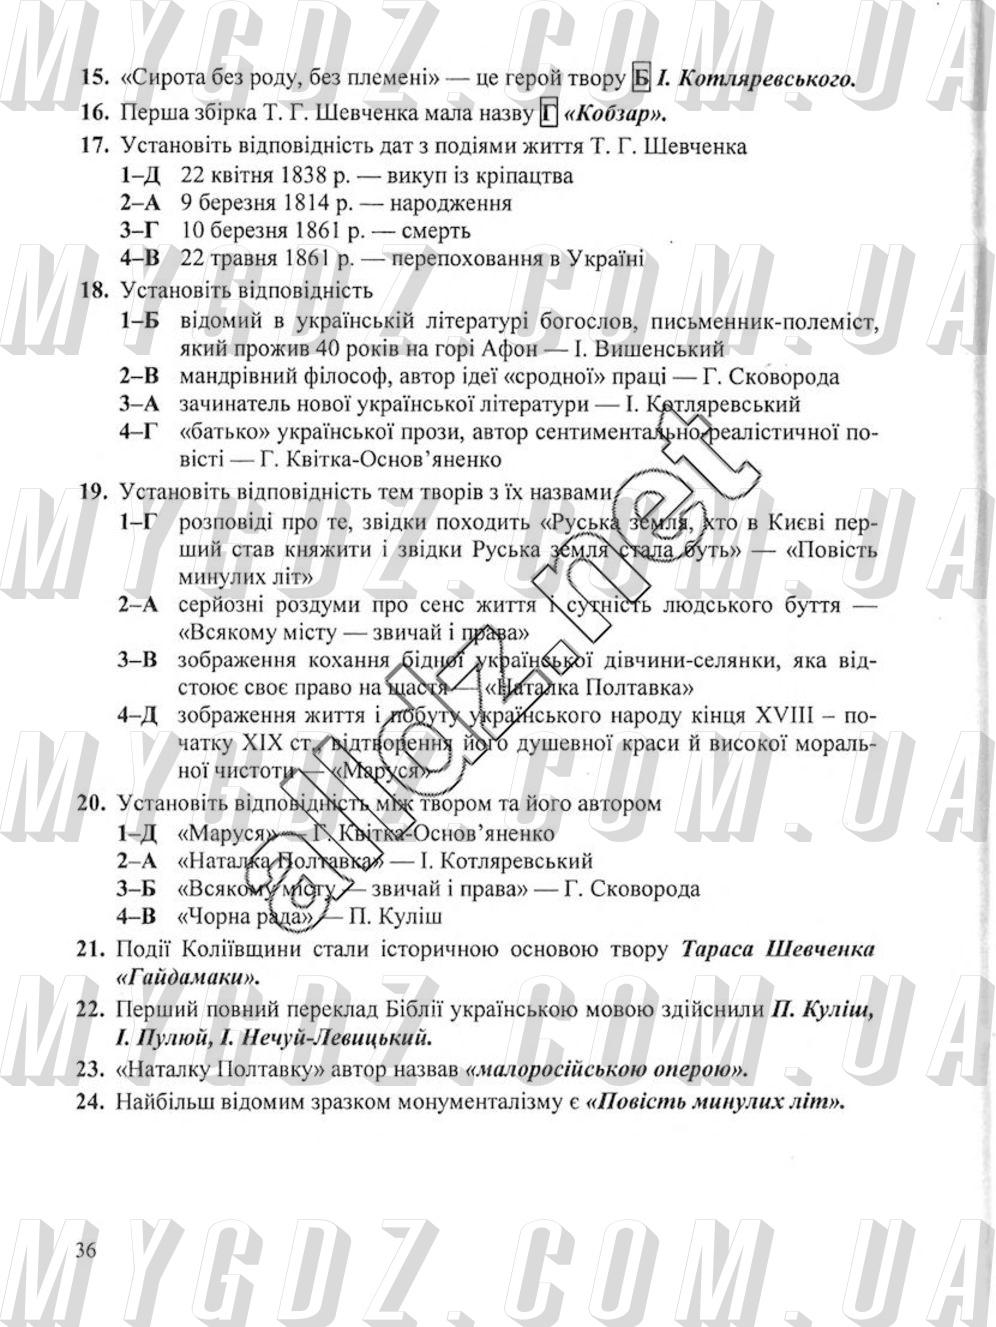 ГДЗ Сторінка 36 2017 Витвицька 9 клас